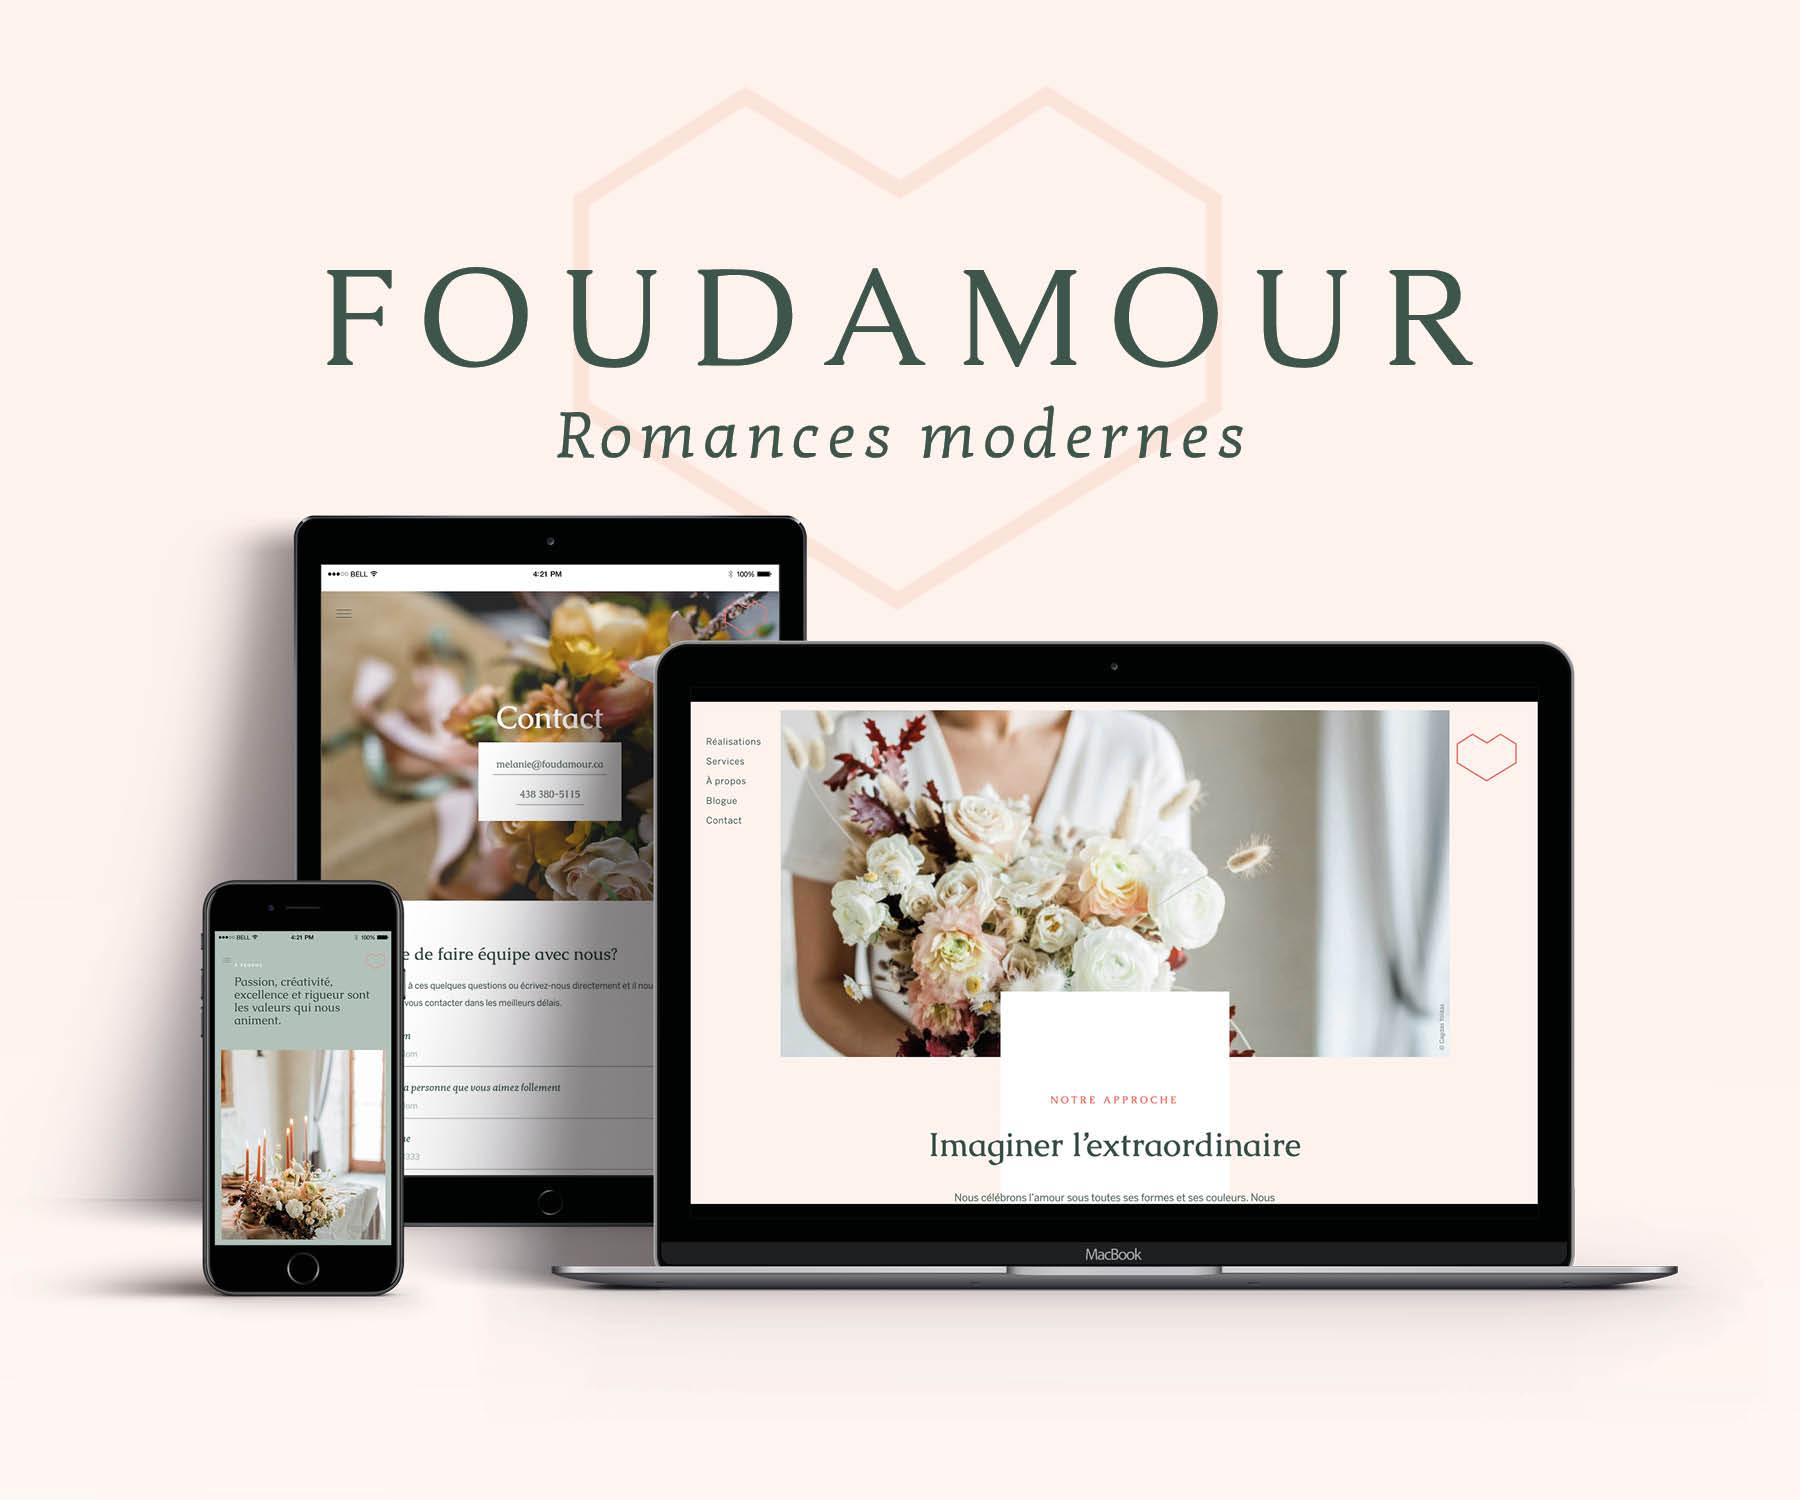 Foudamour